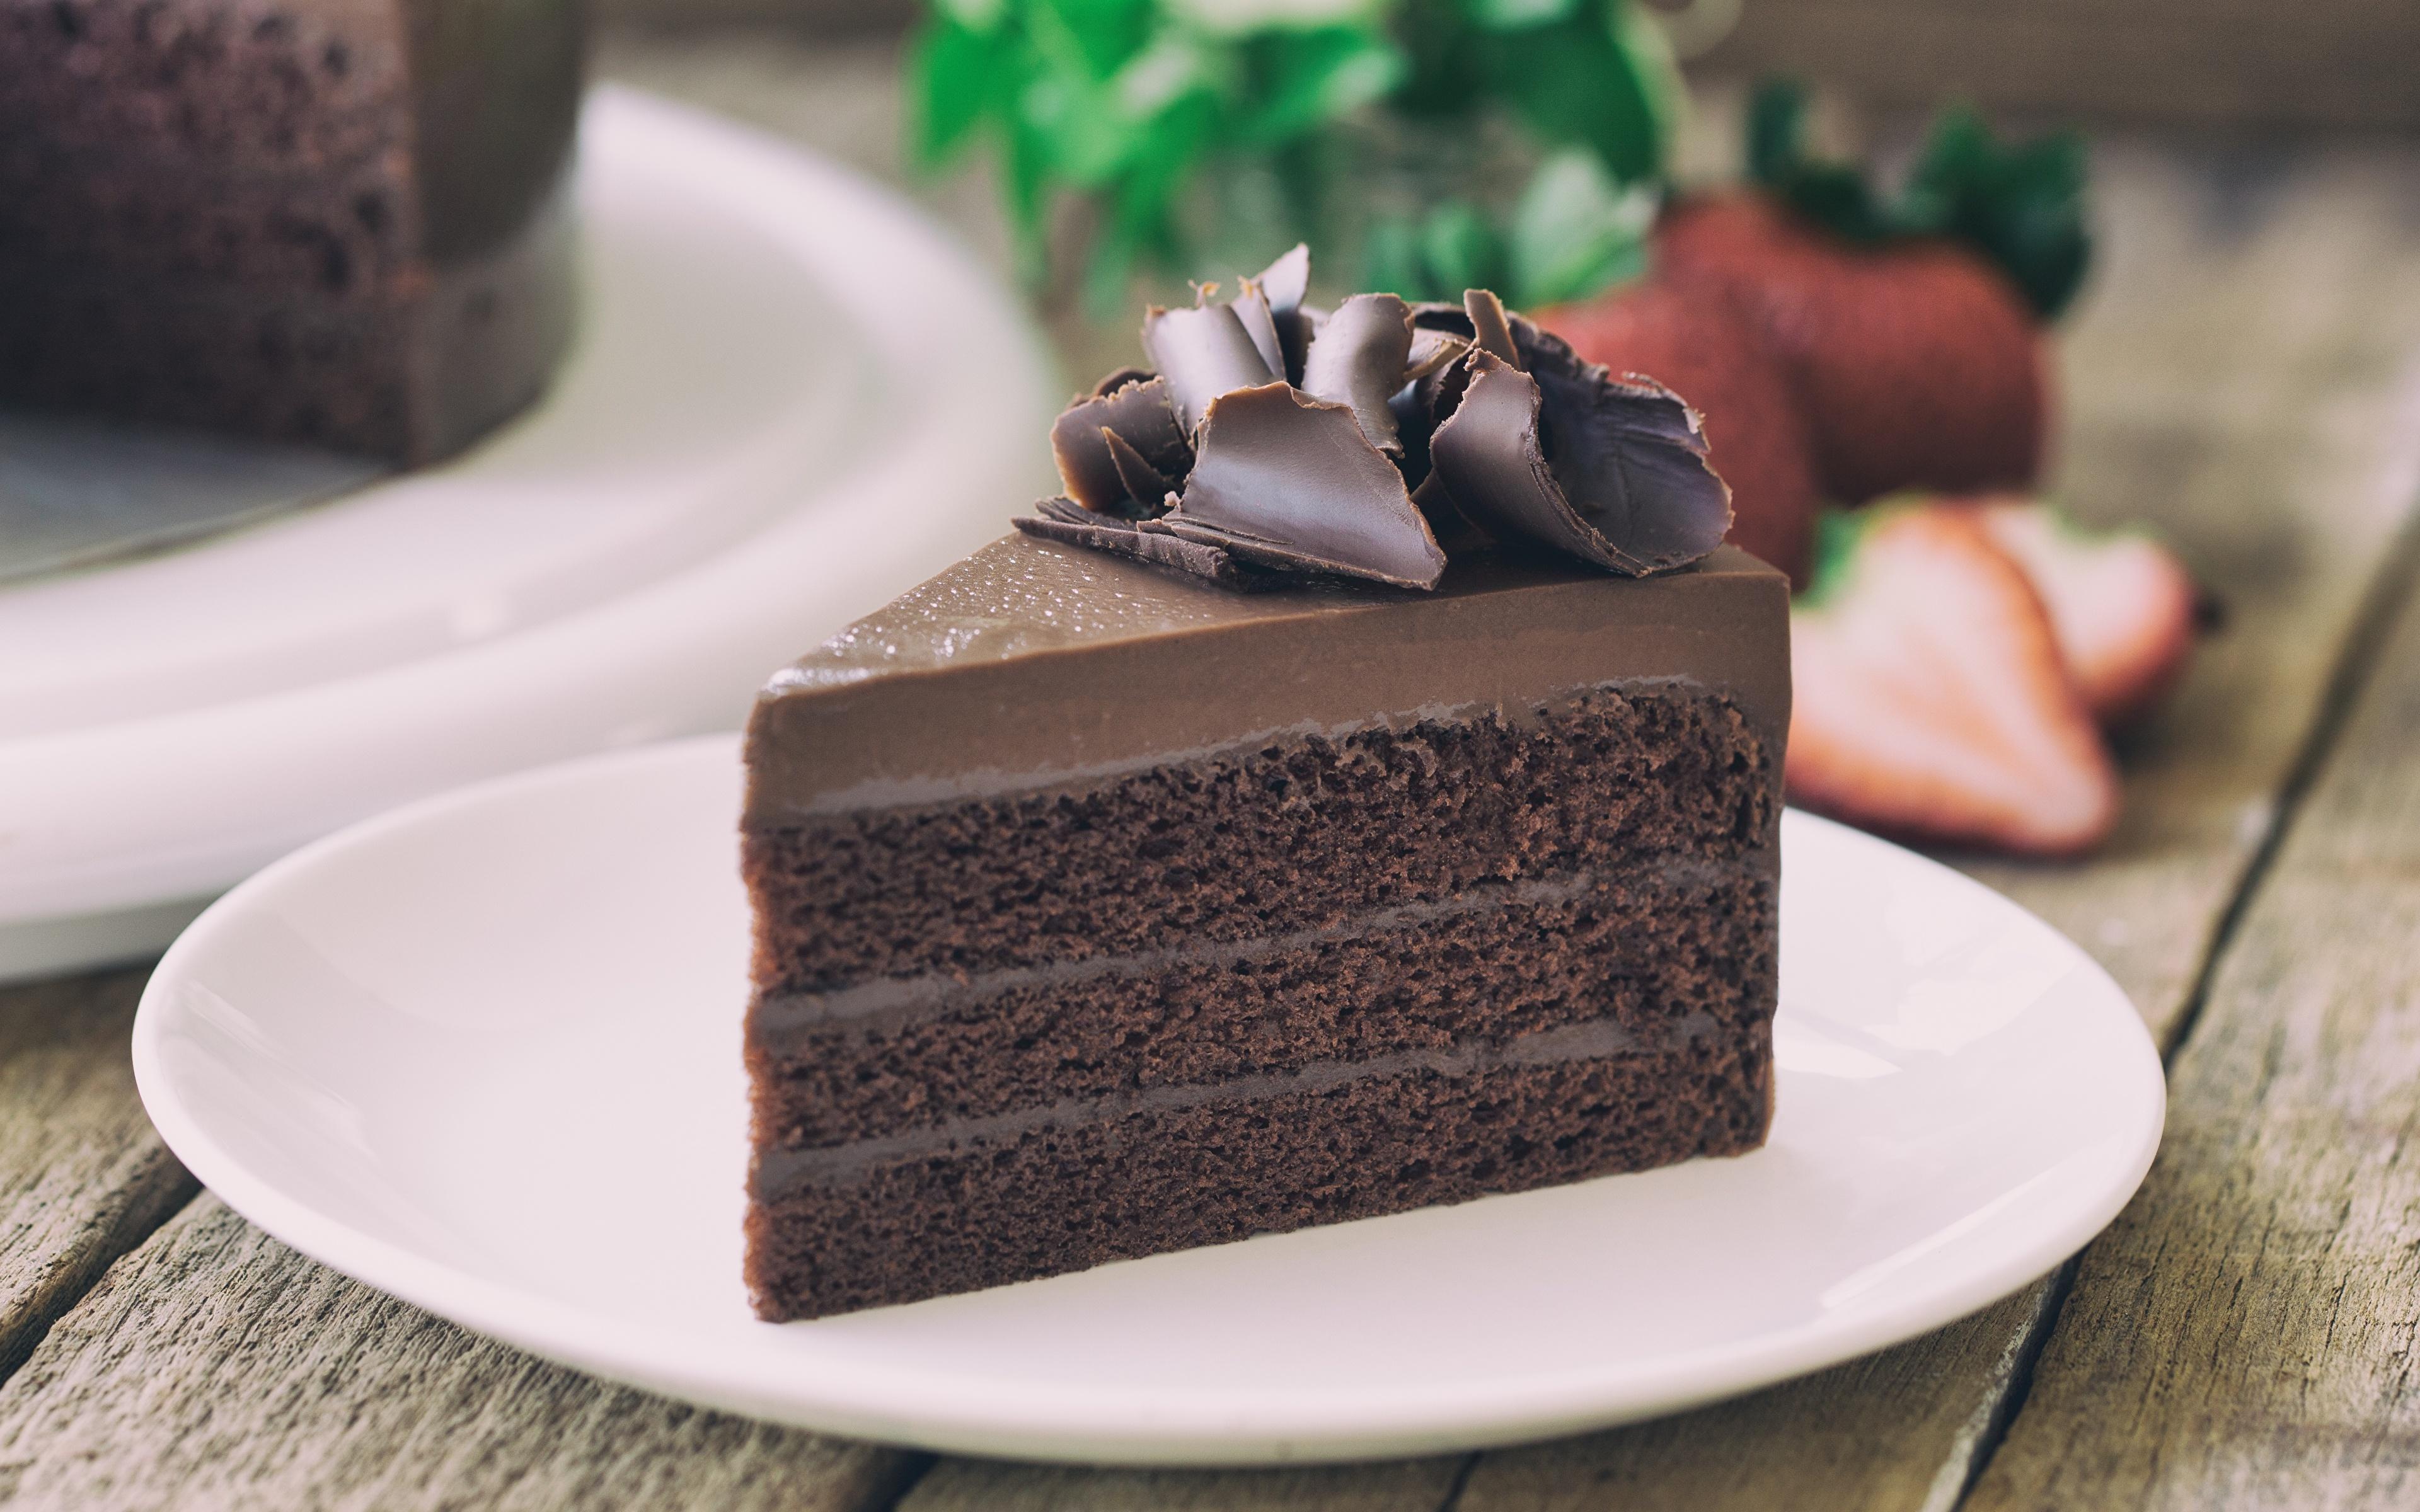 Фотография Шоколад Торты Кусок Еда Тарелка 3840x2400 часть Пища тарелке Продукты питания